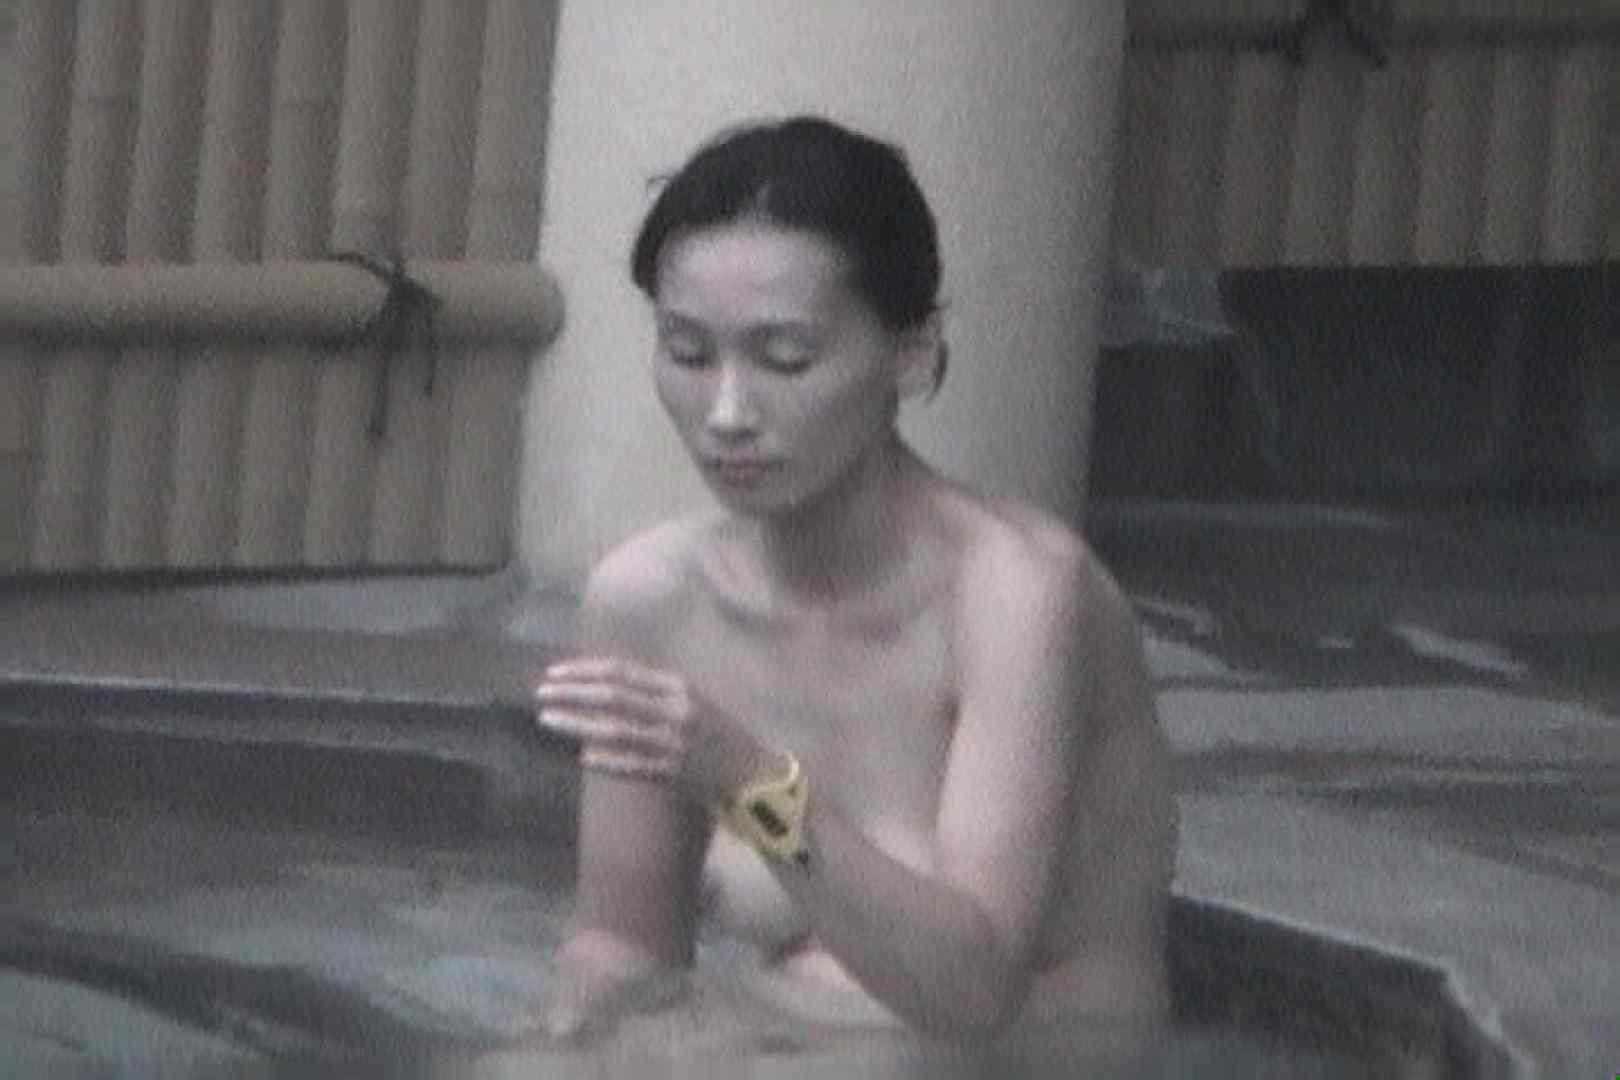 Aquaな露天風呂Vol.557 OLのエロ生活  34連発 6